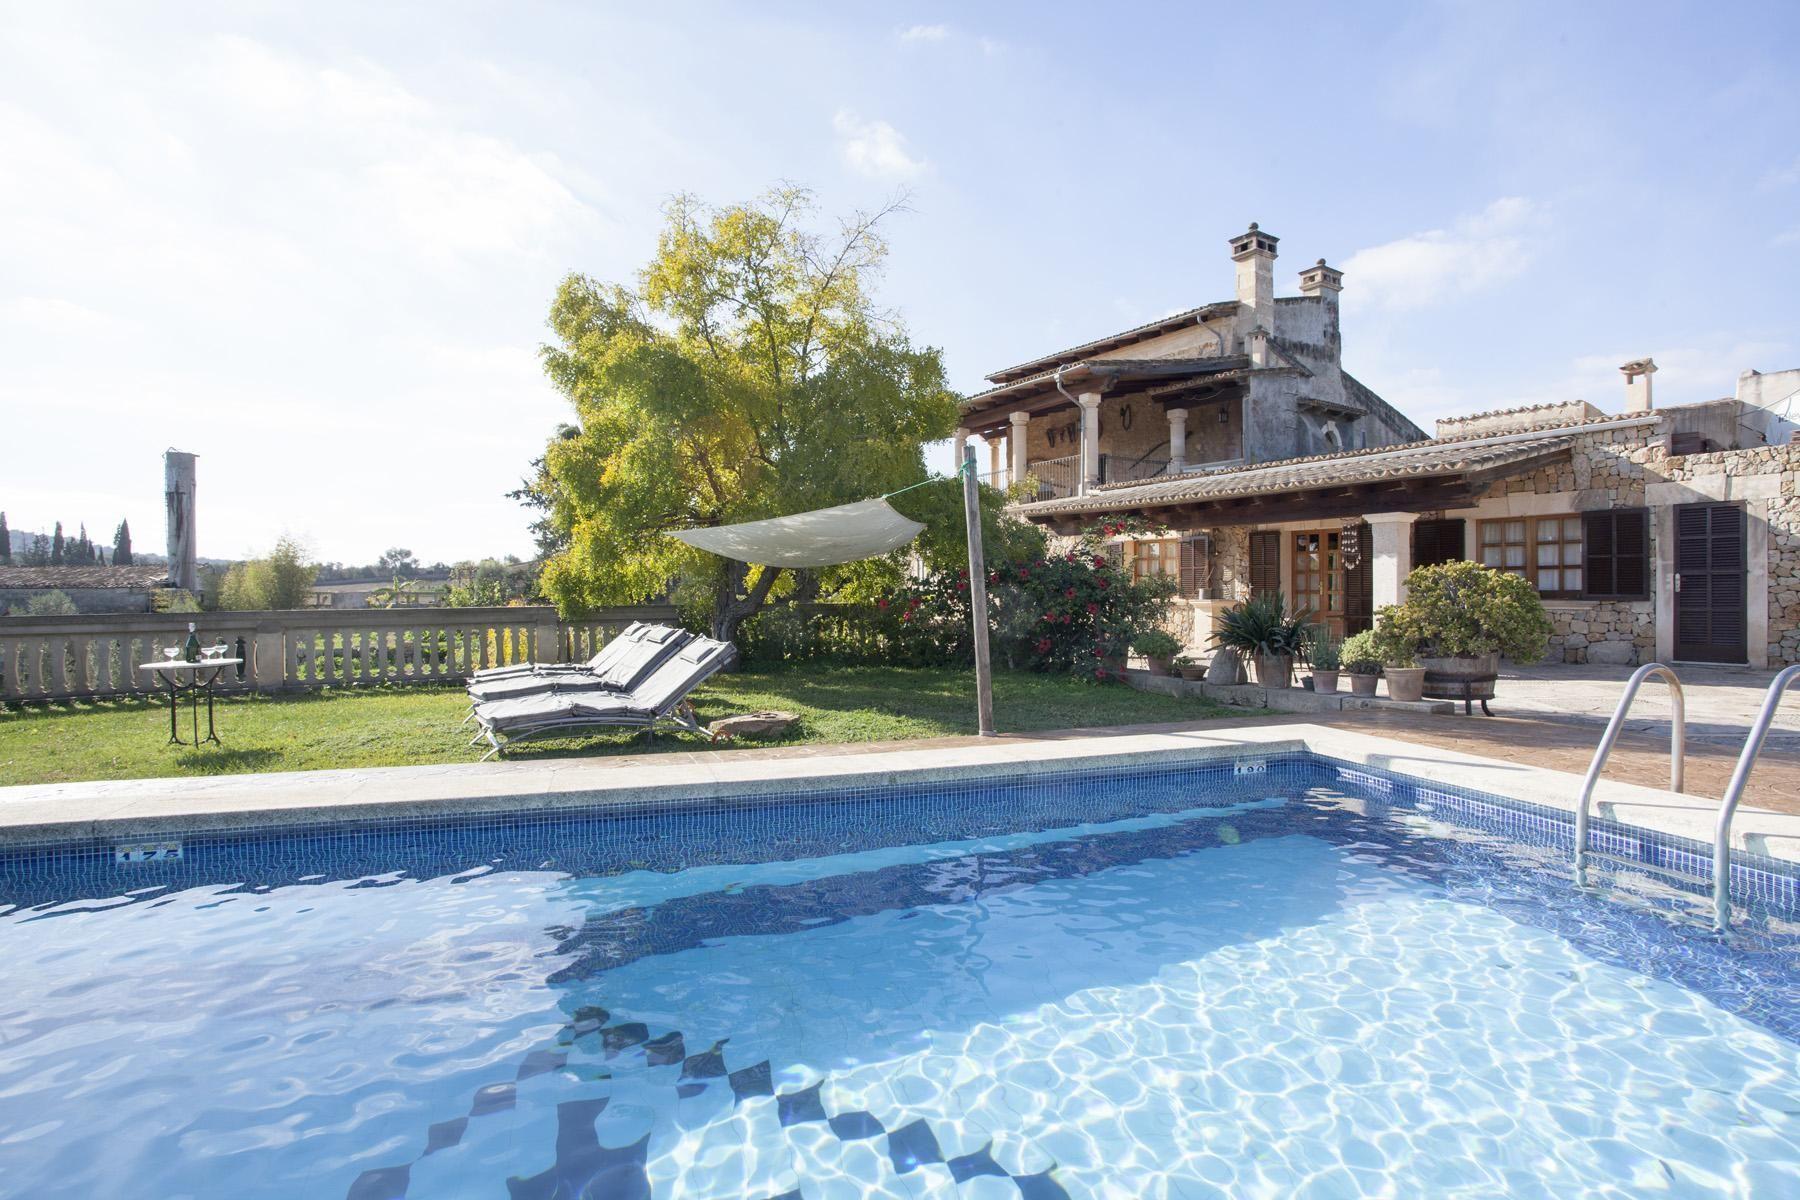 Ferienwohnung für 4 Personen ca. 120 m²  Bauernhof in Spanien